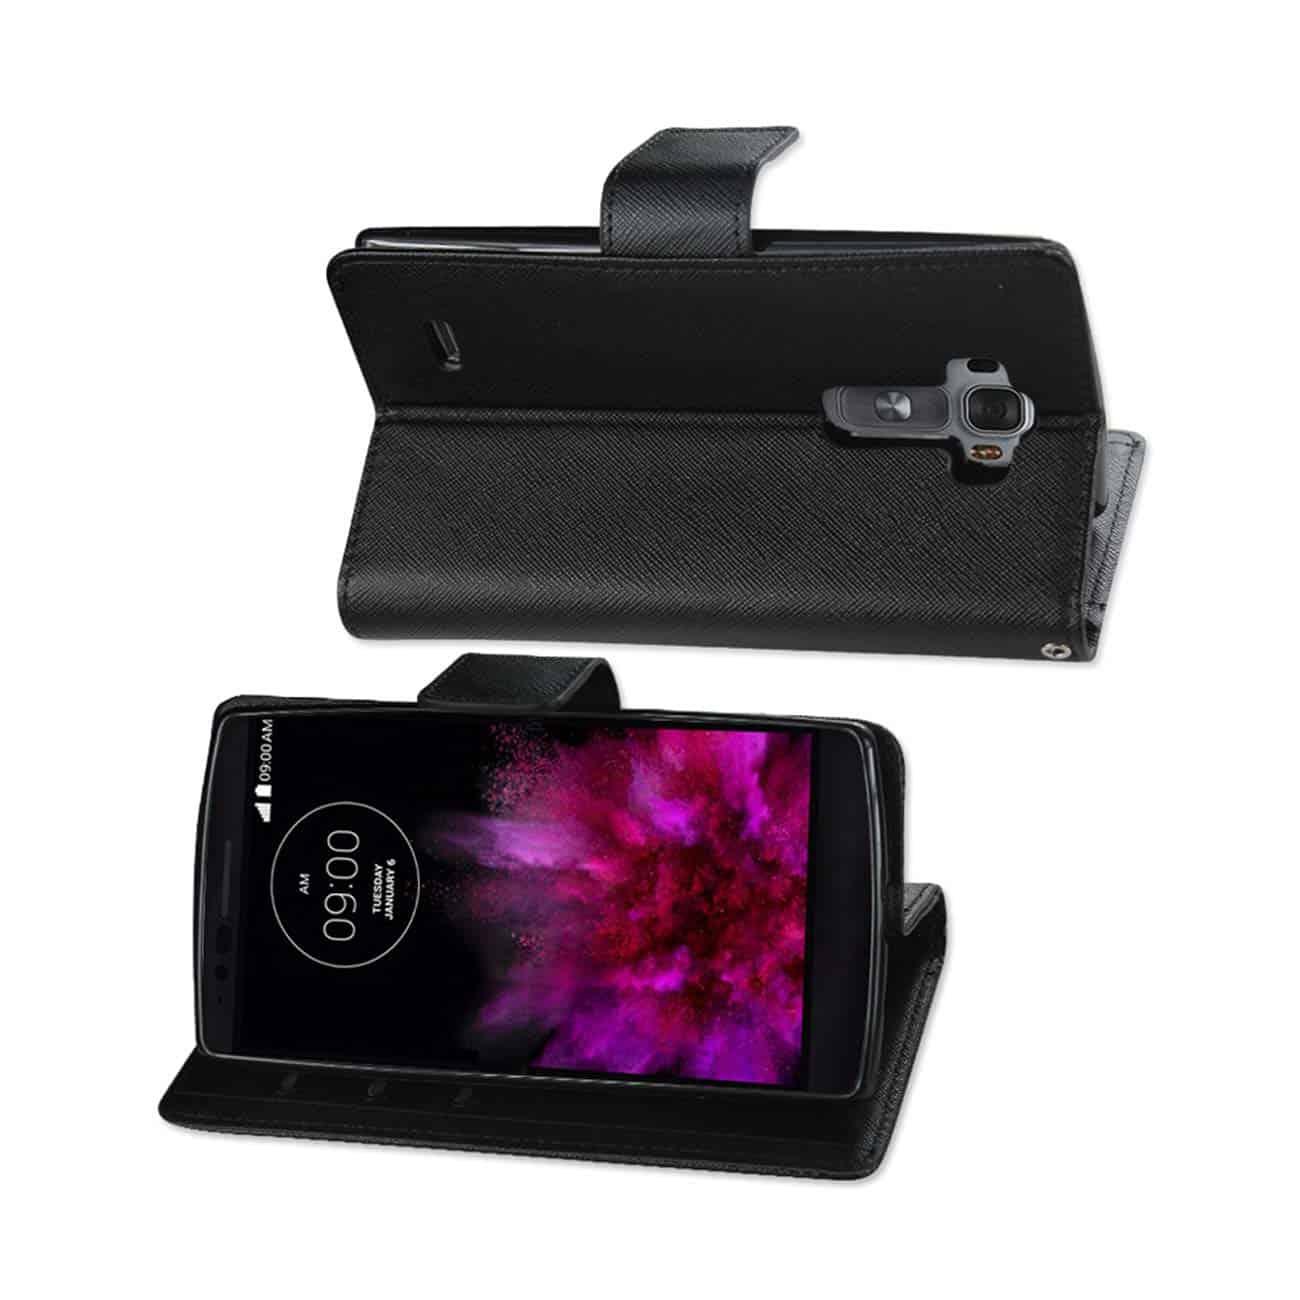 LG G FLEX 2 3-IN-1 WALLET CASE IN BLACK